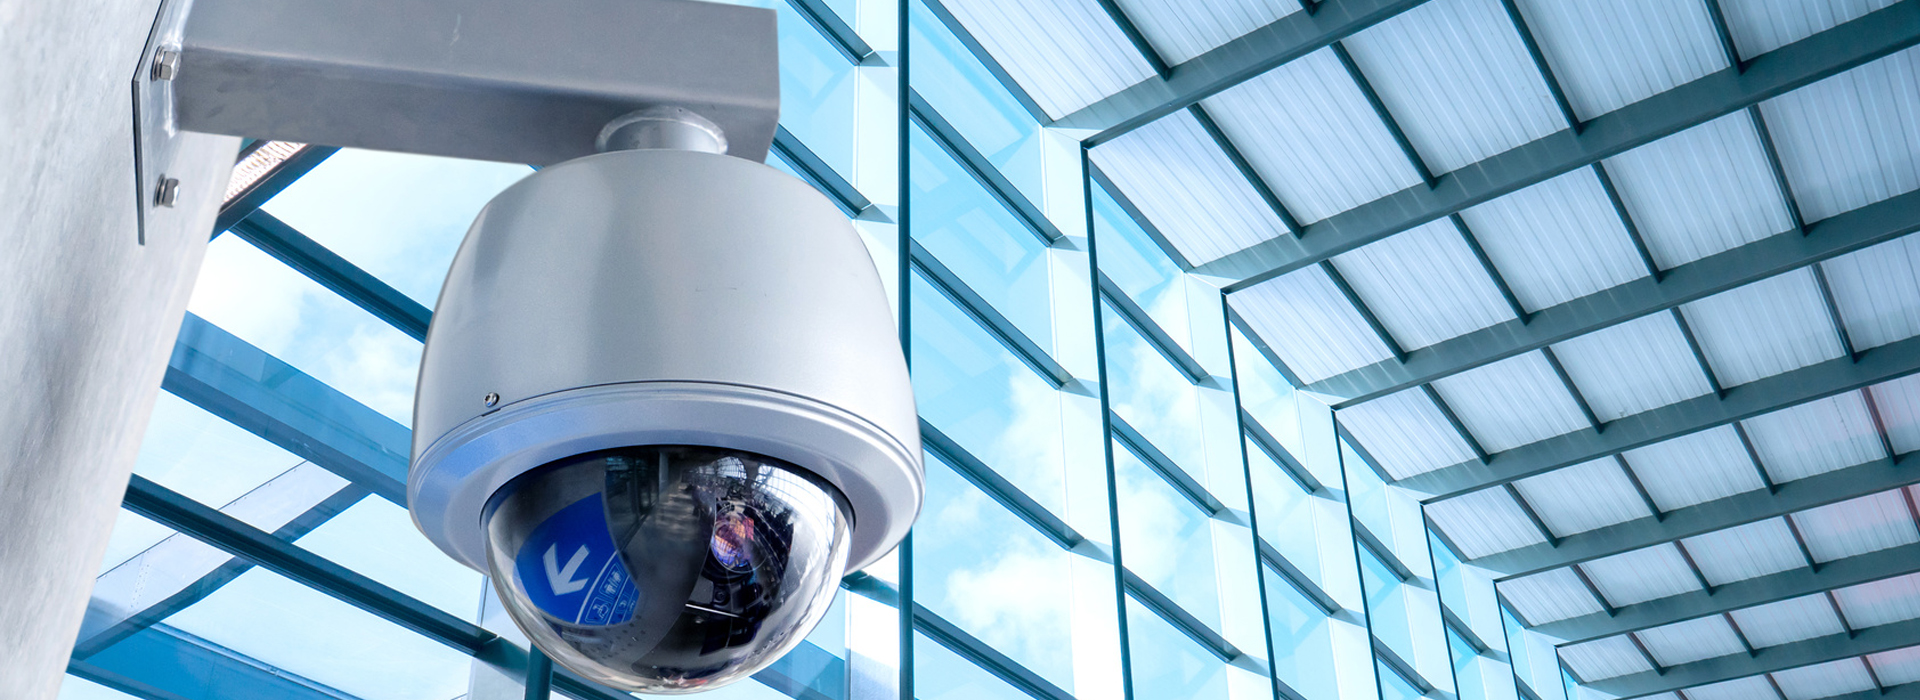 Vendita e installazione impianti di sicurezza